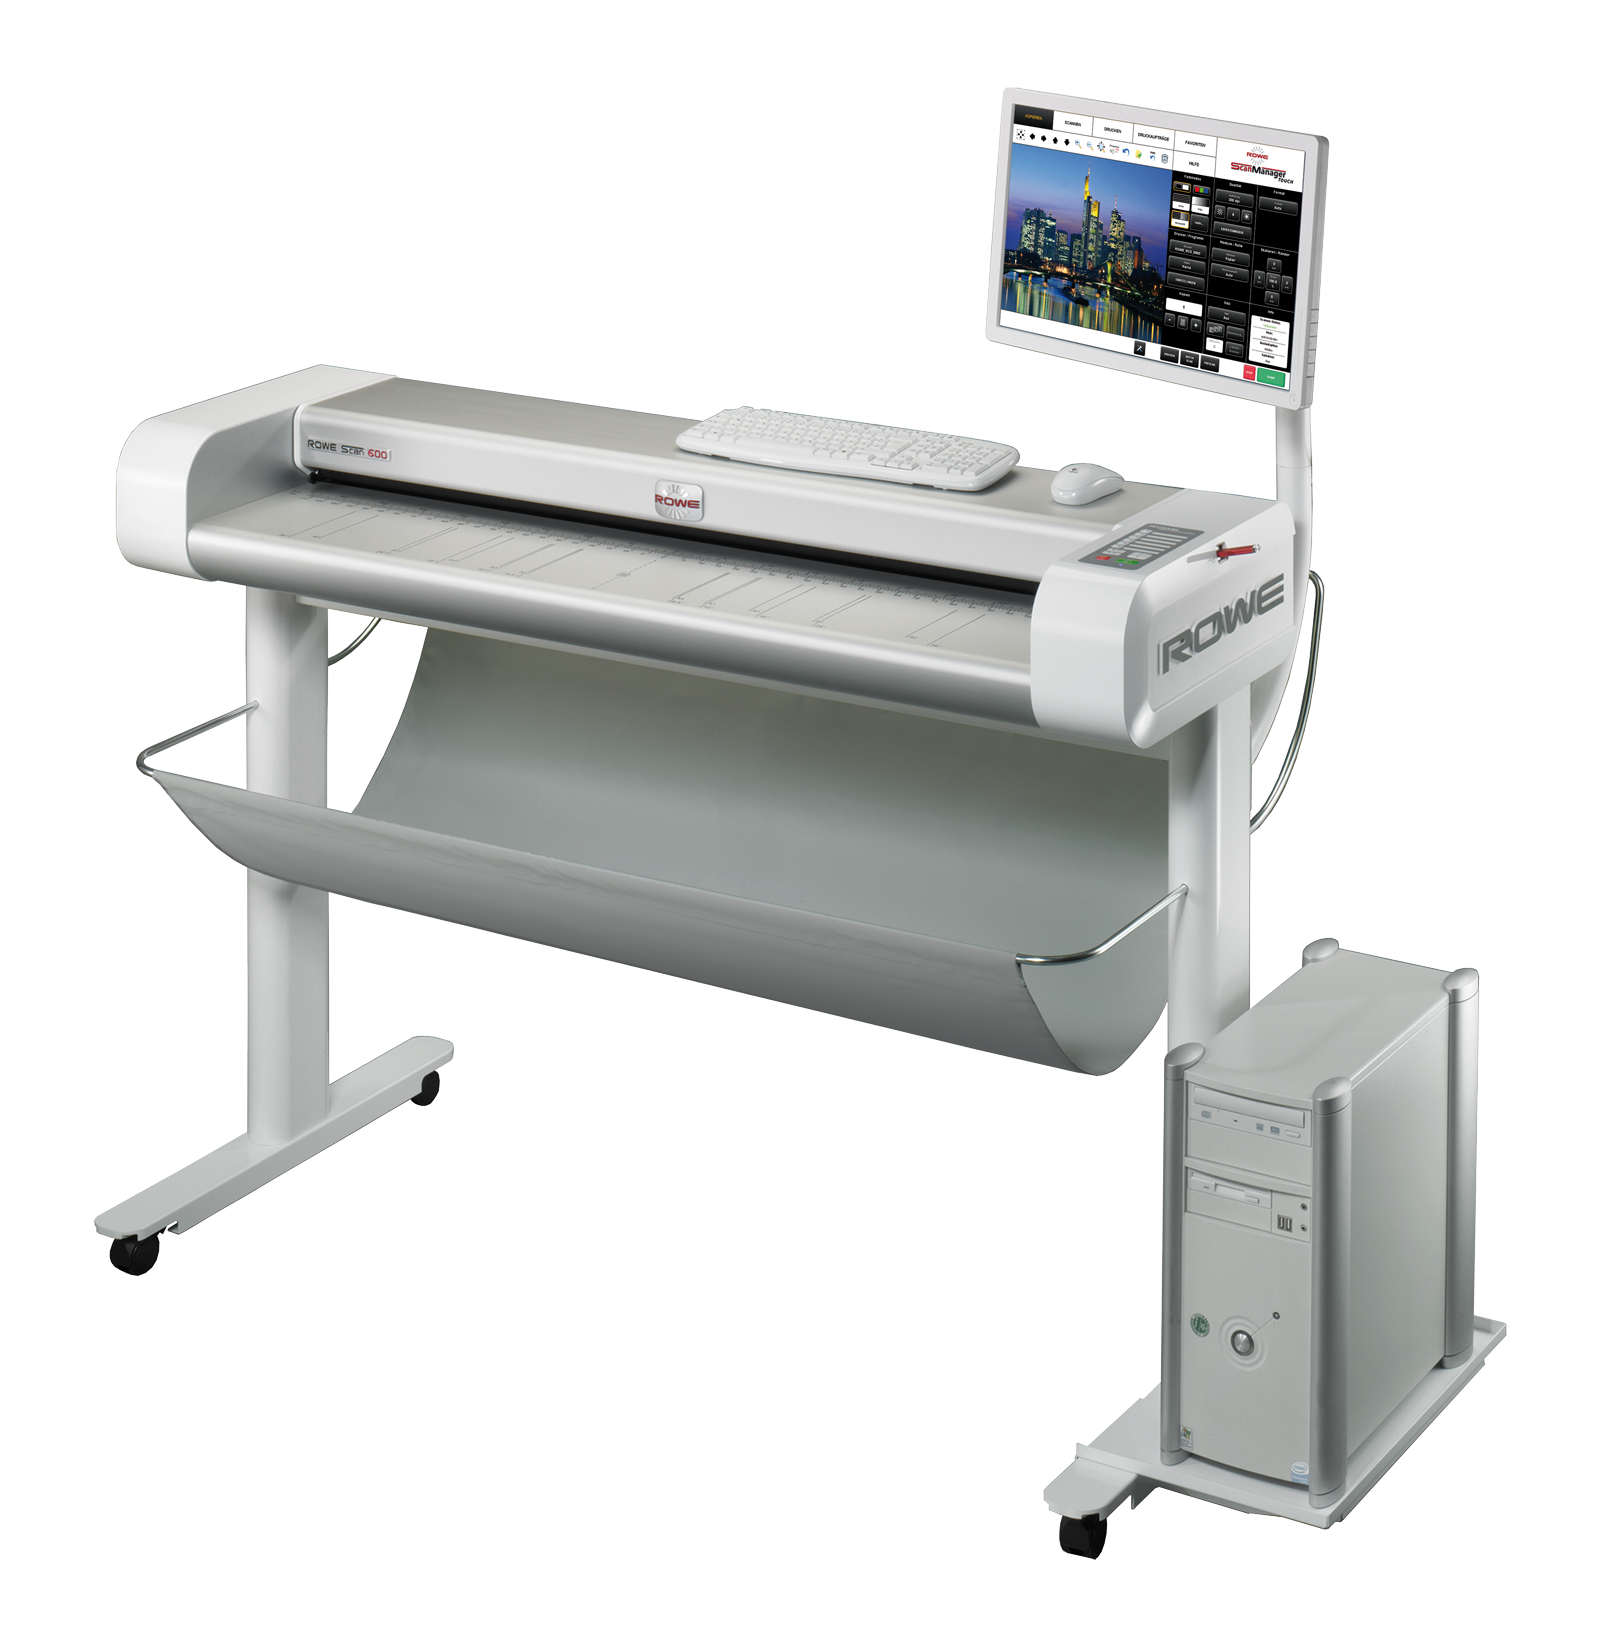 Широкоформатный сканер ROWE Scan 650i-44″